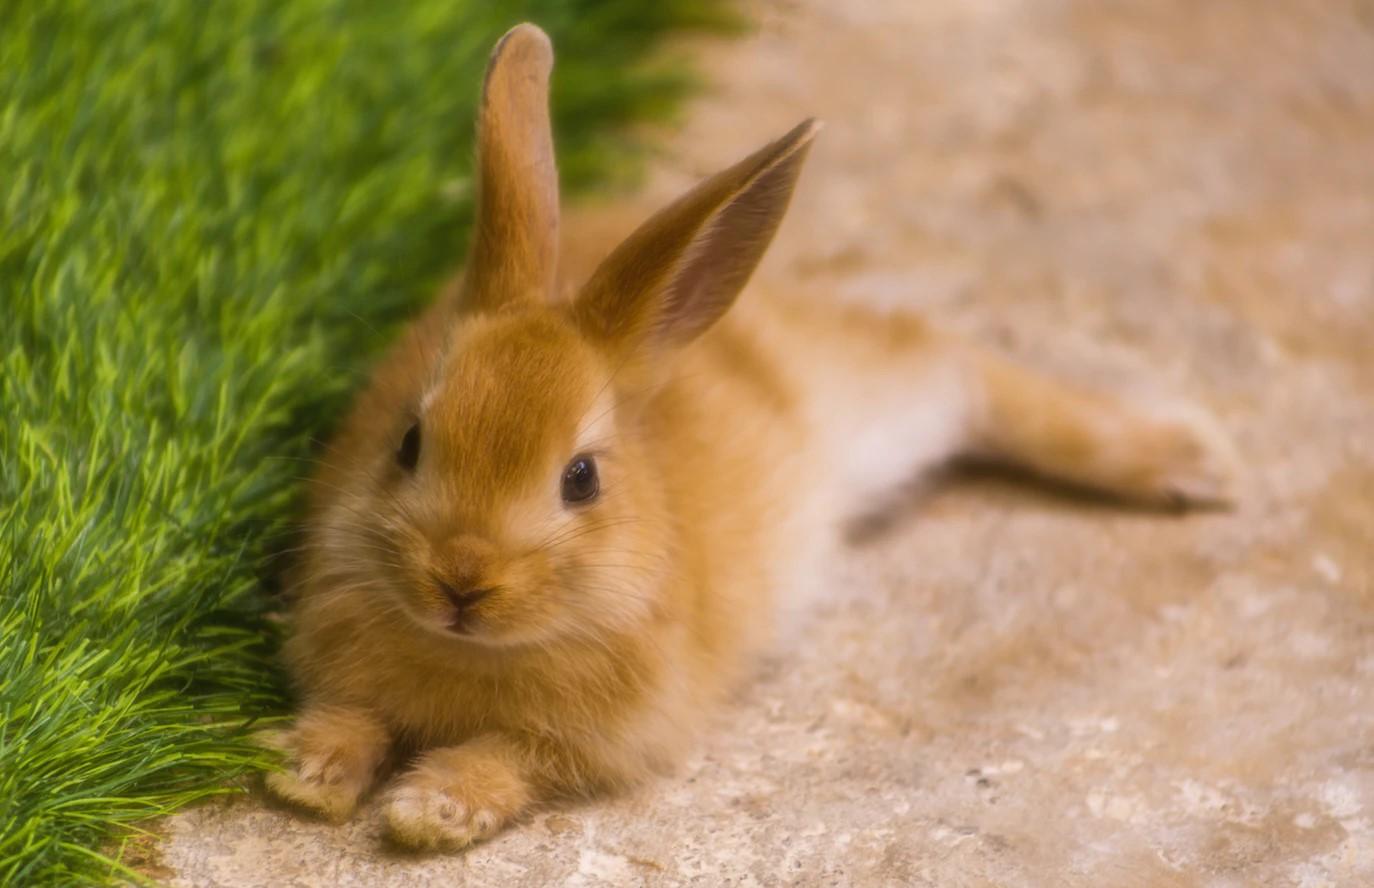 Conejitos como mascotas: pros y contras | Zotal Laboratorios